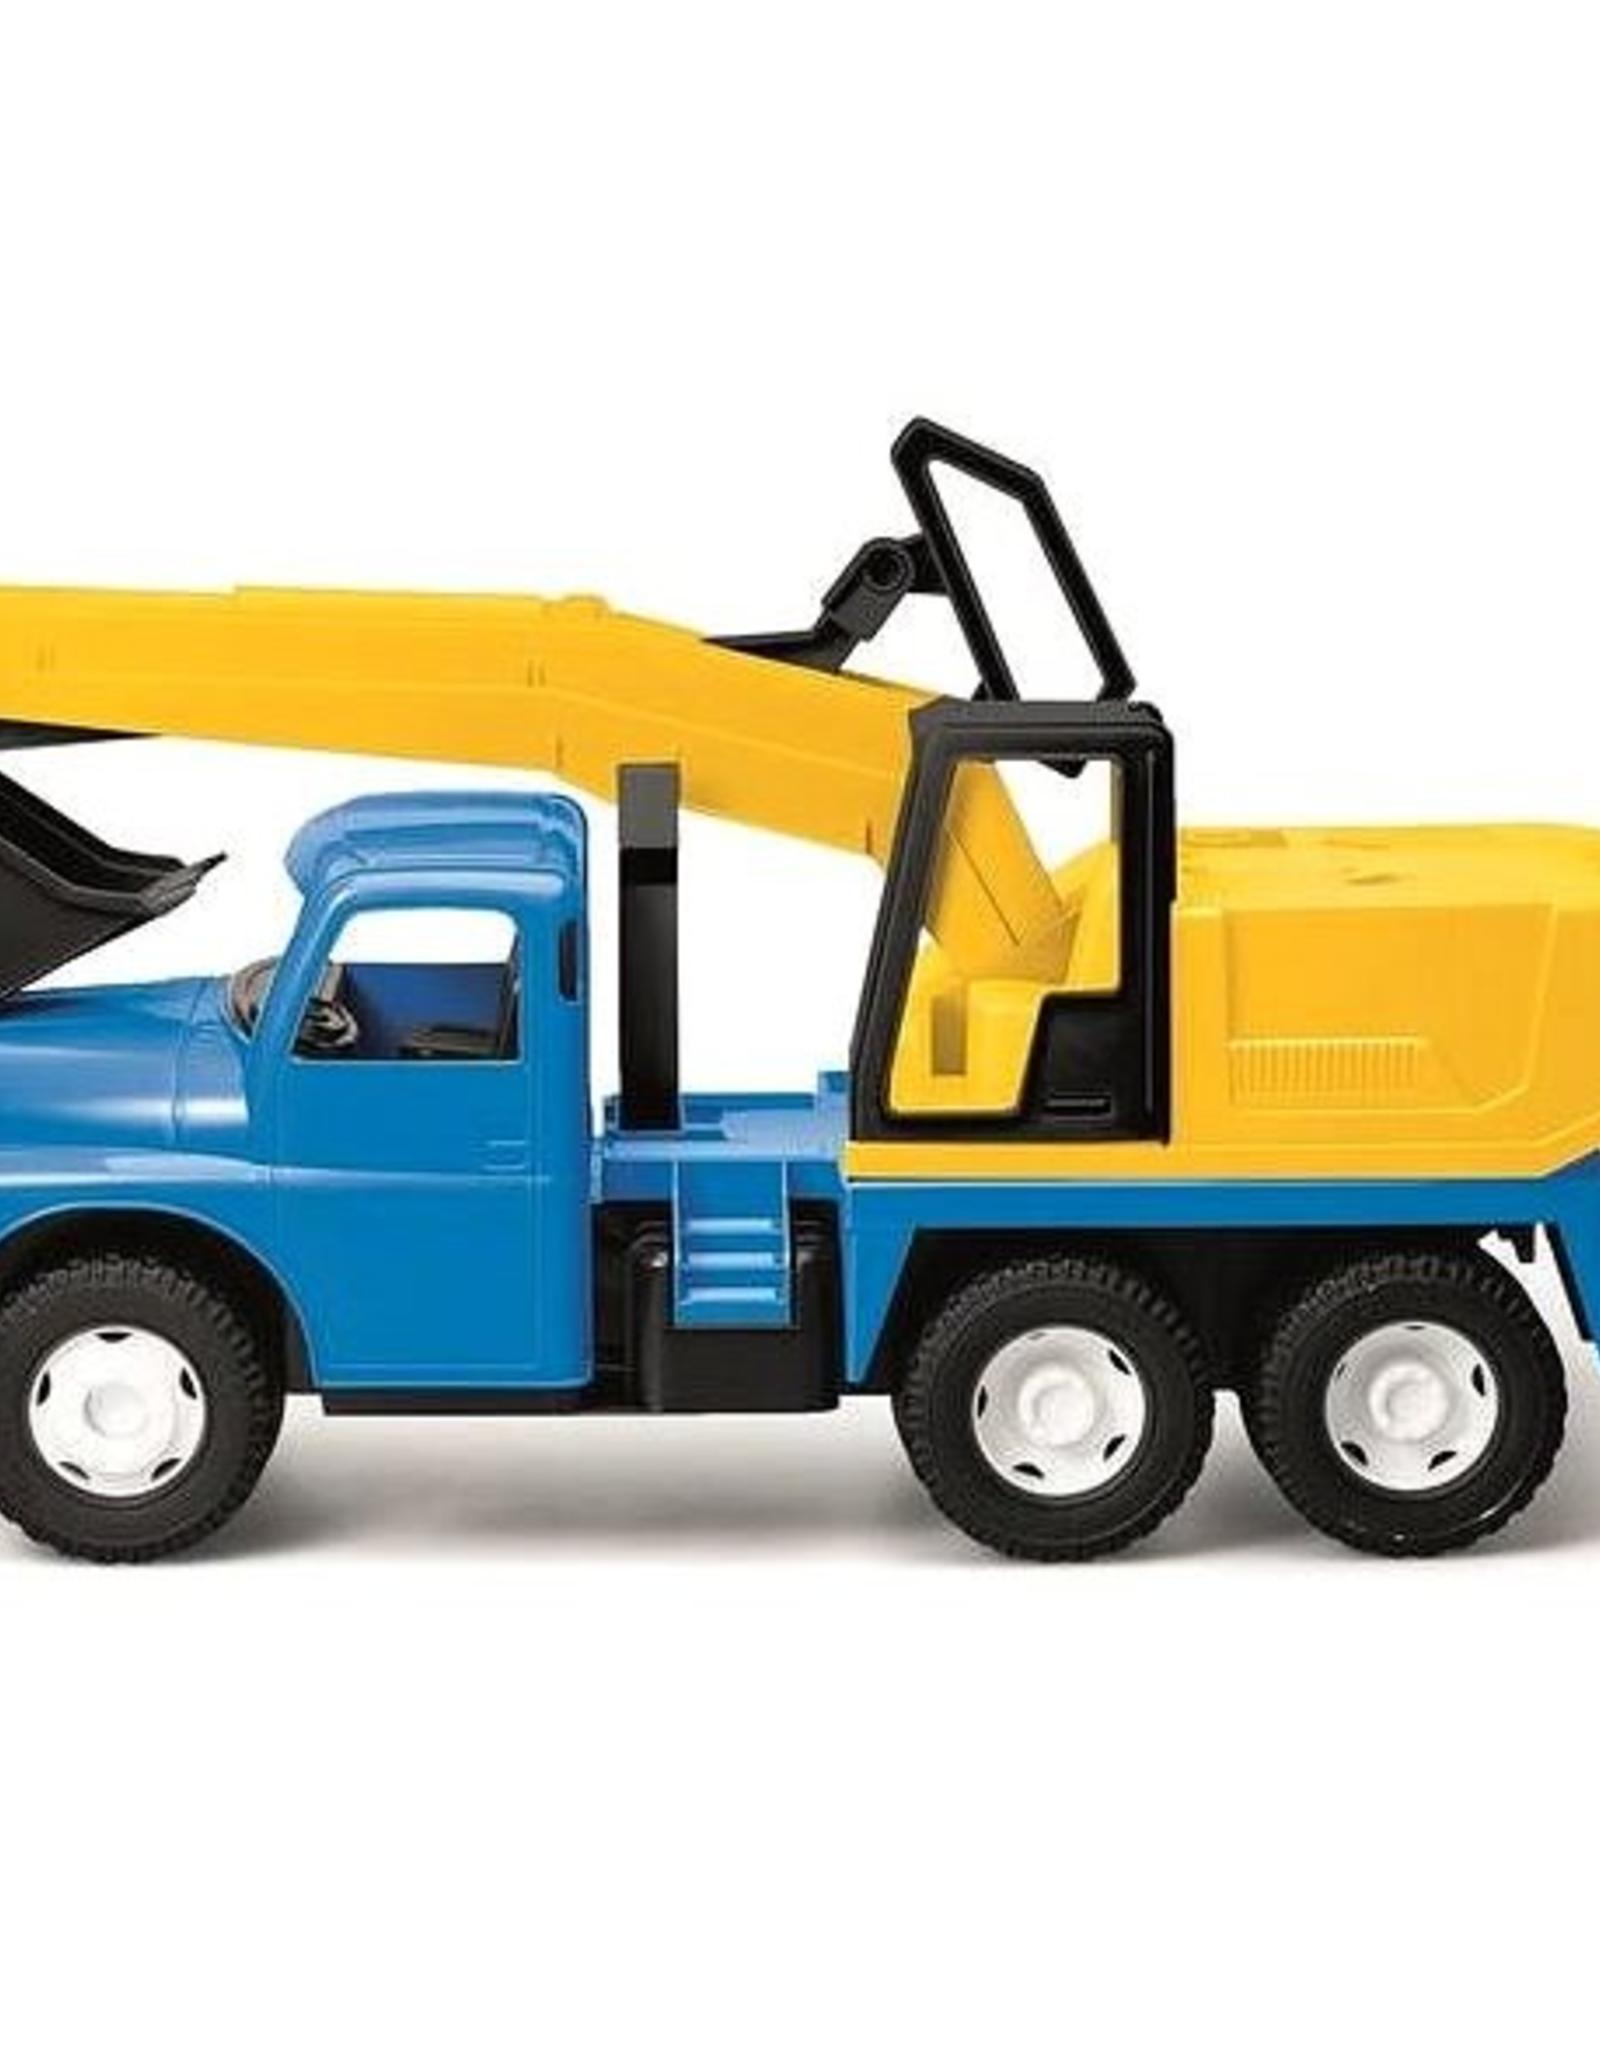 Dino Toys Dino Toys Tatra Graafmachine blauw/geel